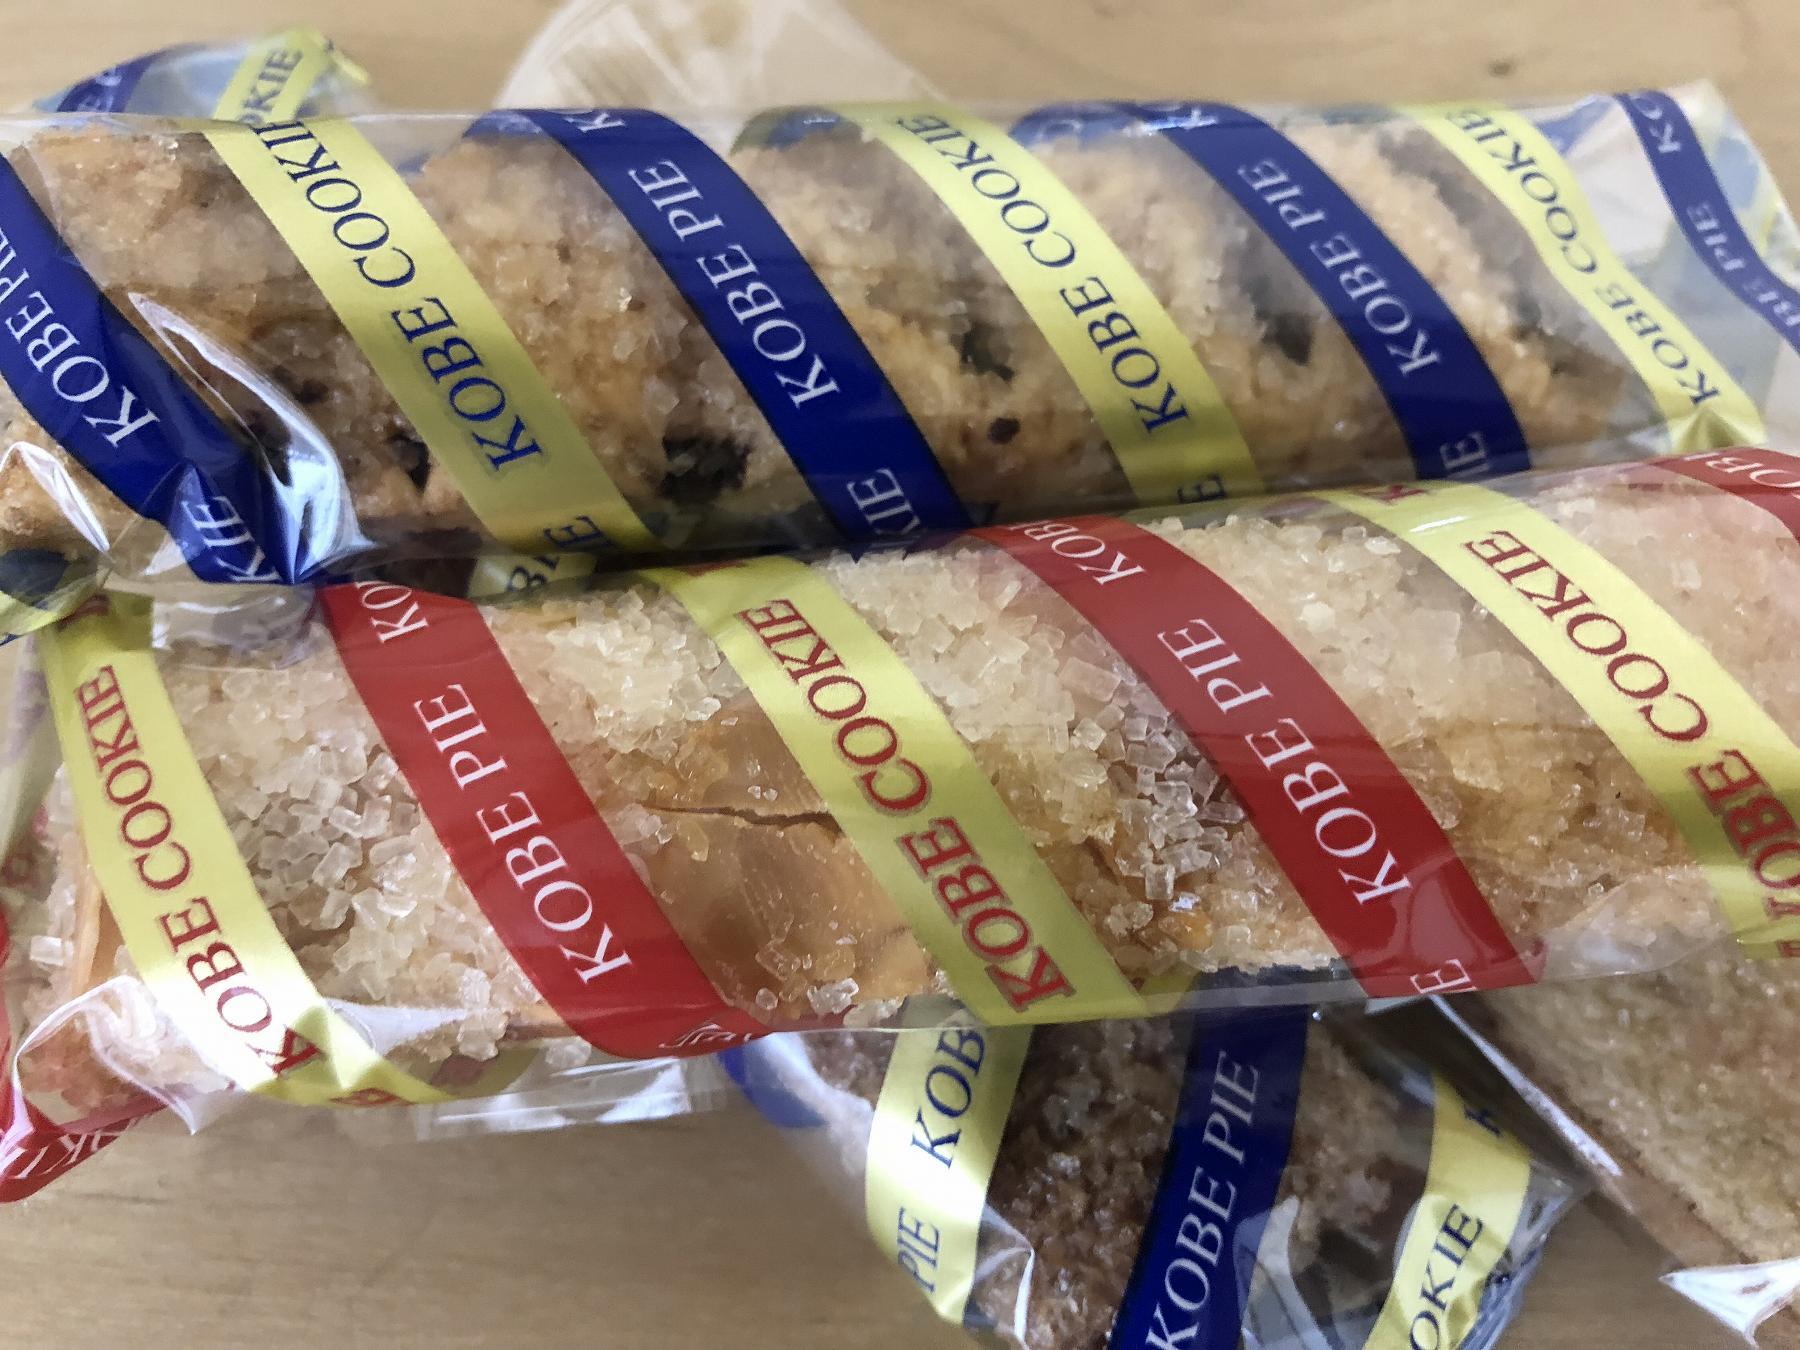 「神戸のクッキー」や「神戸のパイ」で有名な「昭栄堂製菓」さんのスイーツを食べてみた! #昭栄堂製菓 #神戸のクッキー #神戸のパイ #神戸スイーツ